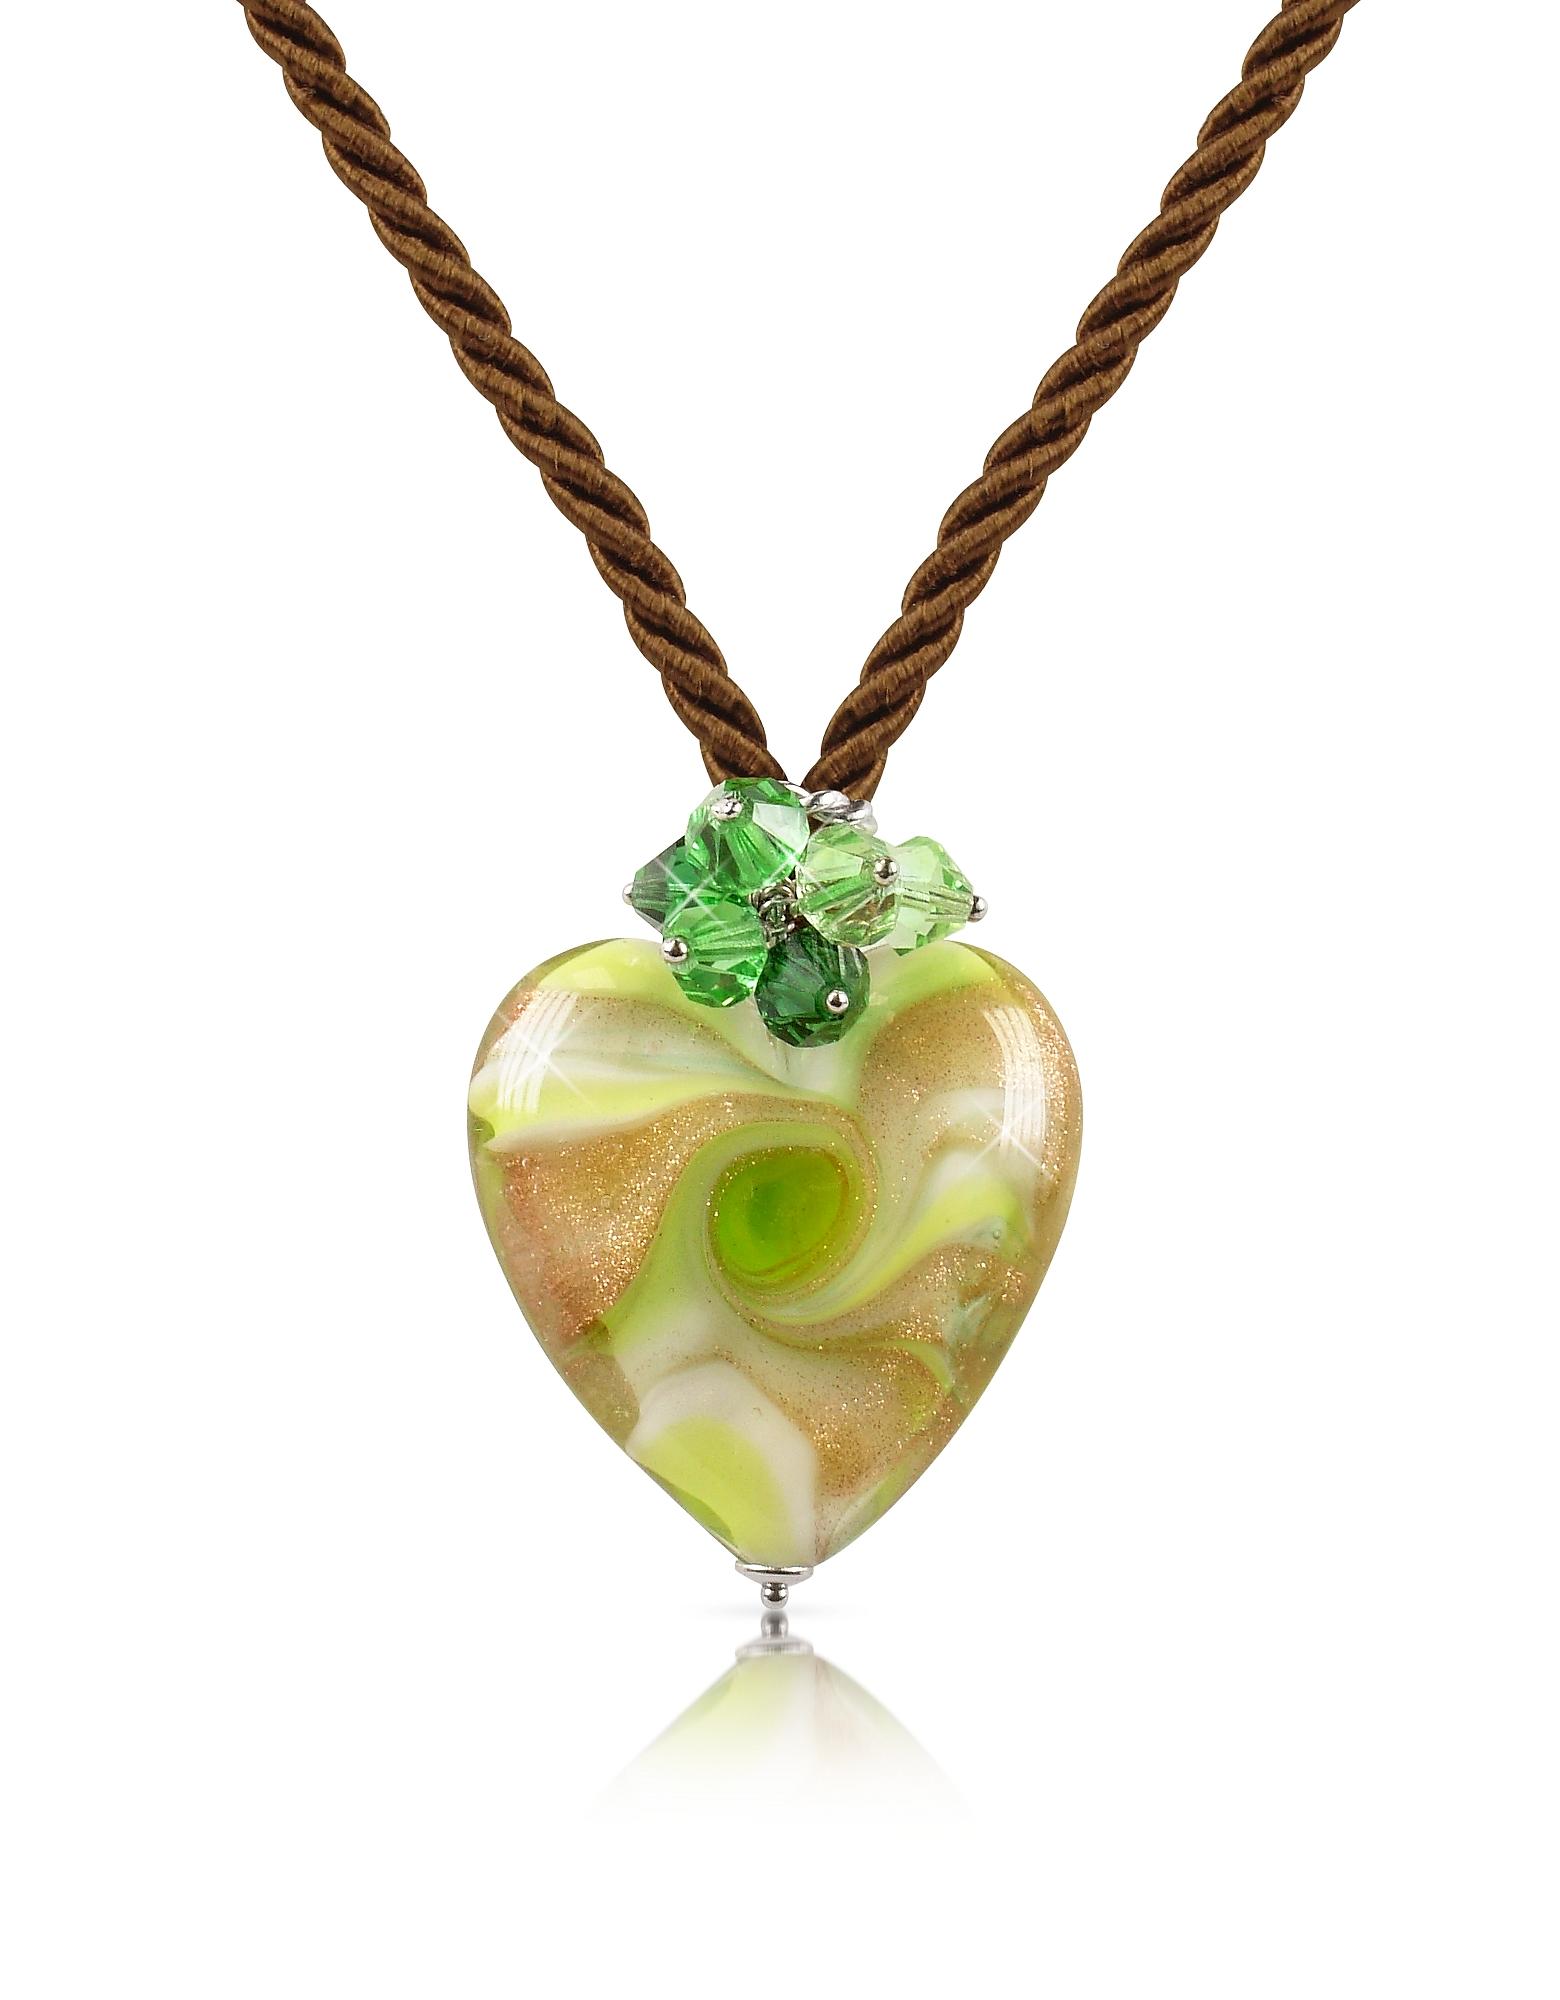 Vortice - Колье с Подвеской-Сердцем из Стекла Мурано Лимонно-зеленого Оттенка